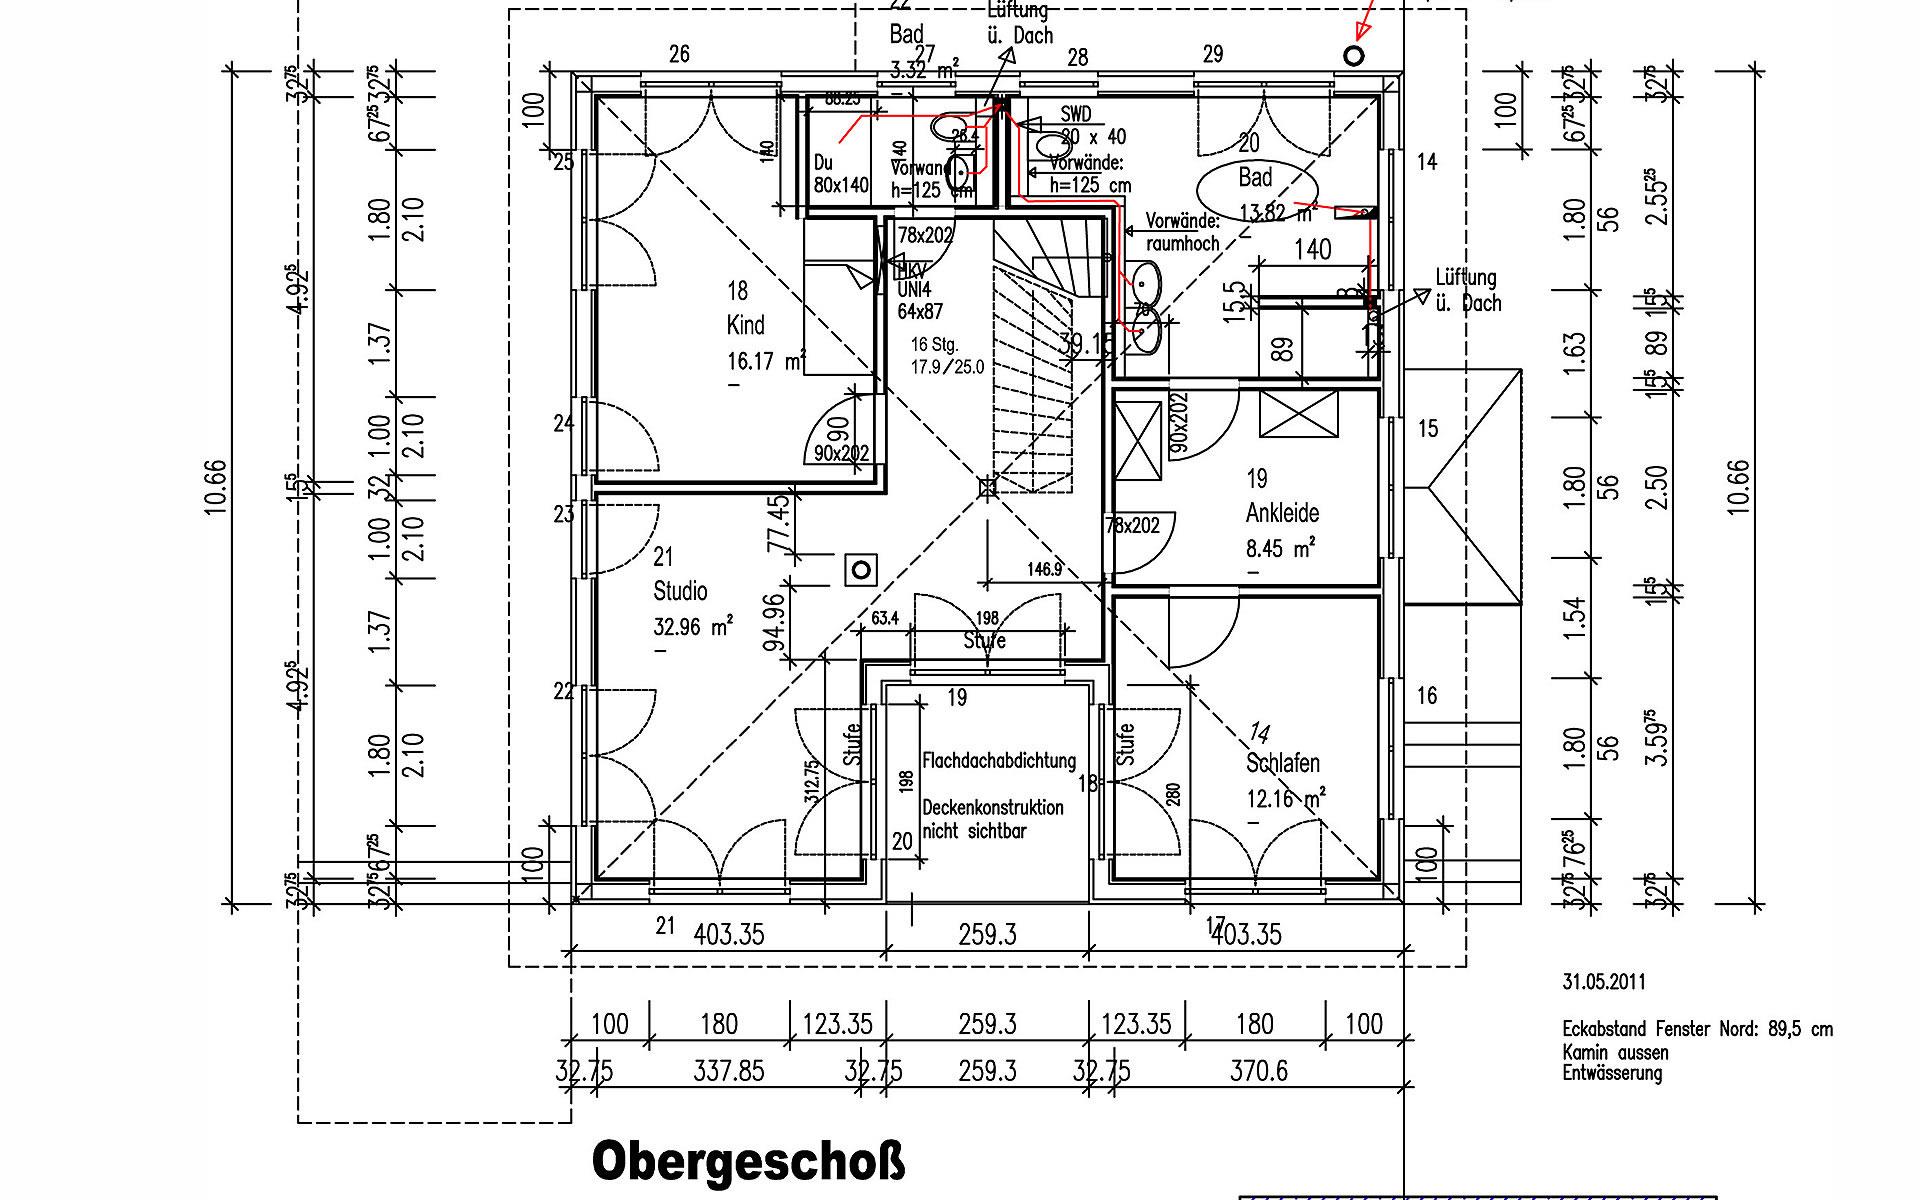 Obergeschoss Küstner von Sonnleitner Holzbauwerke GmbH & Co. KG